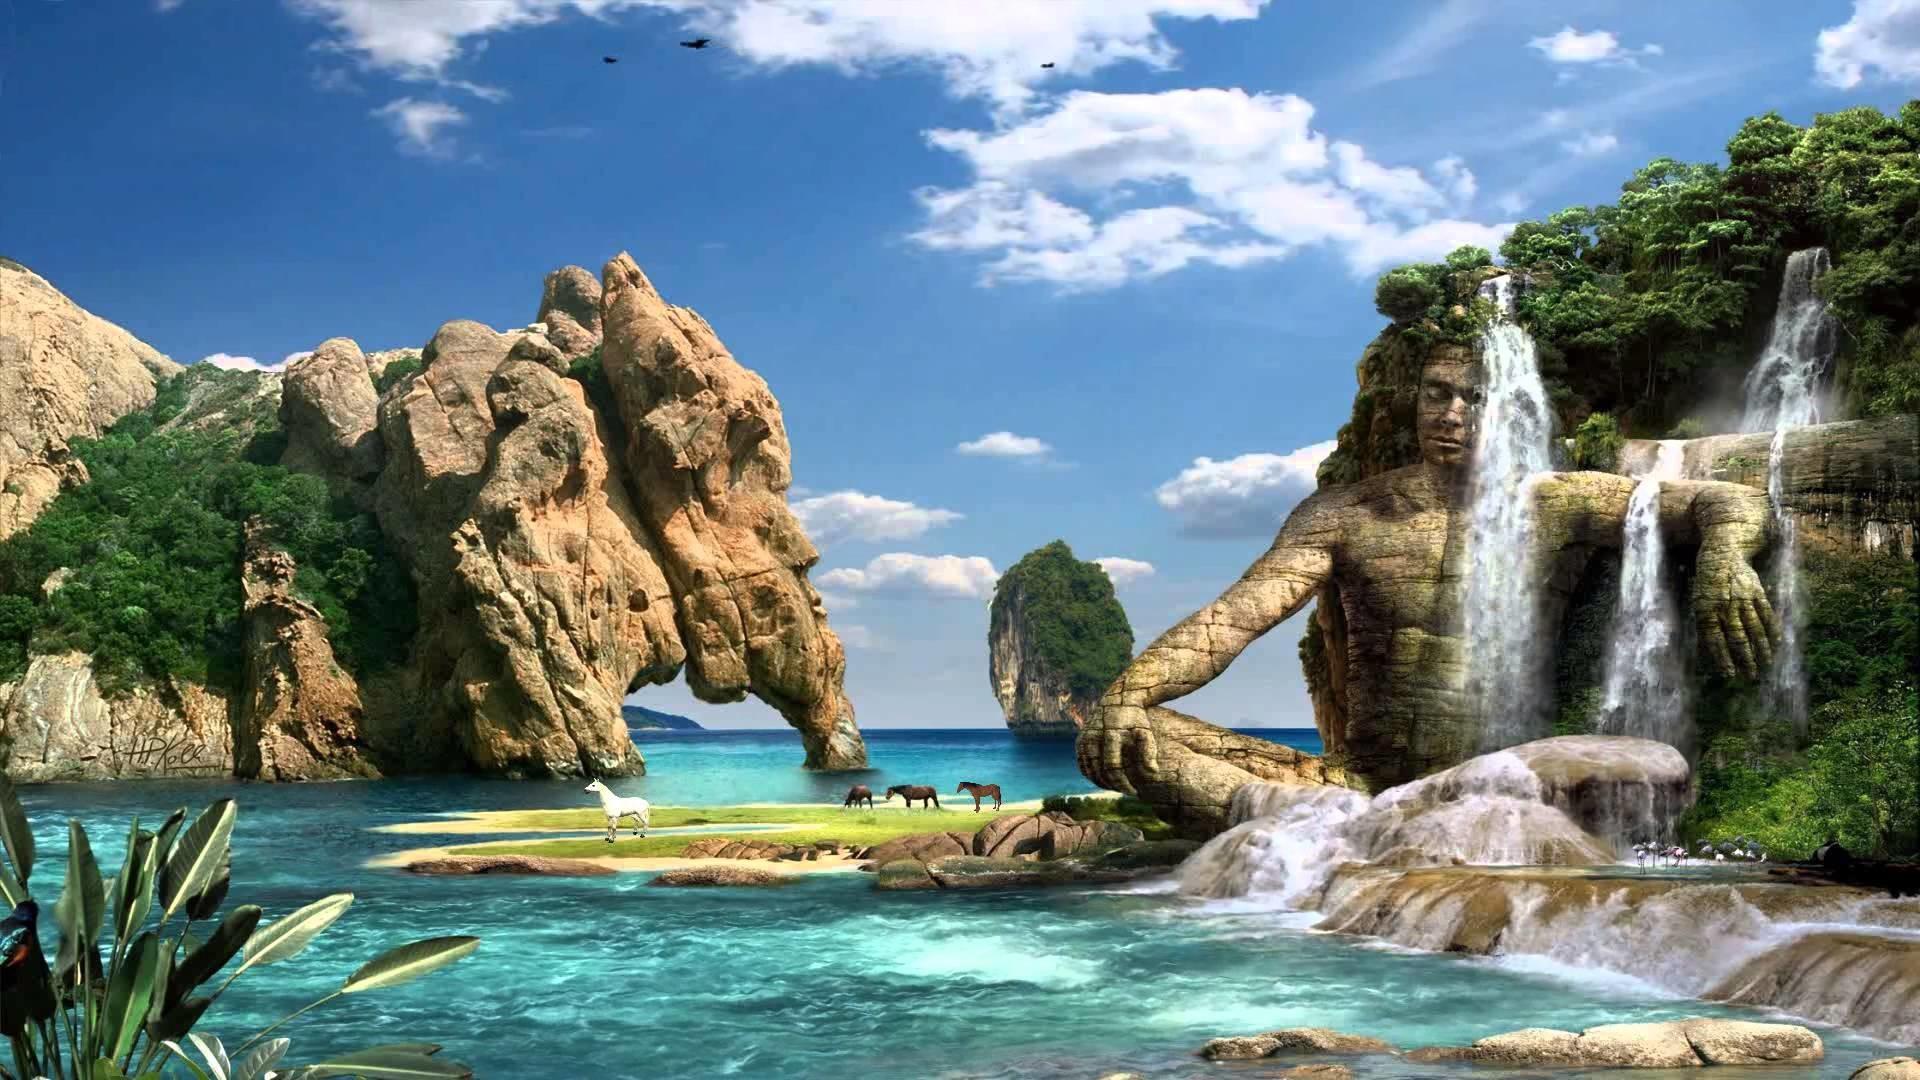 Legendary Waterfalls Animated Wallpaper https://www.desktopanimated.com/ –  YouTube